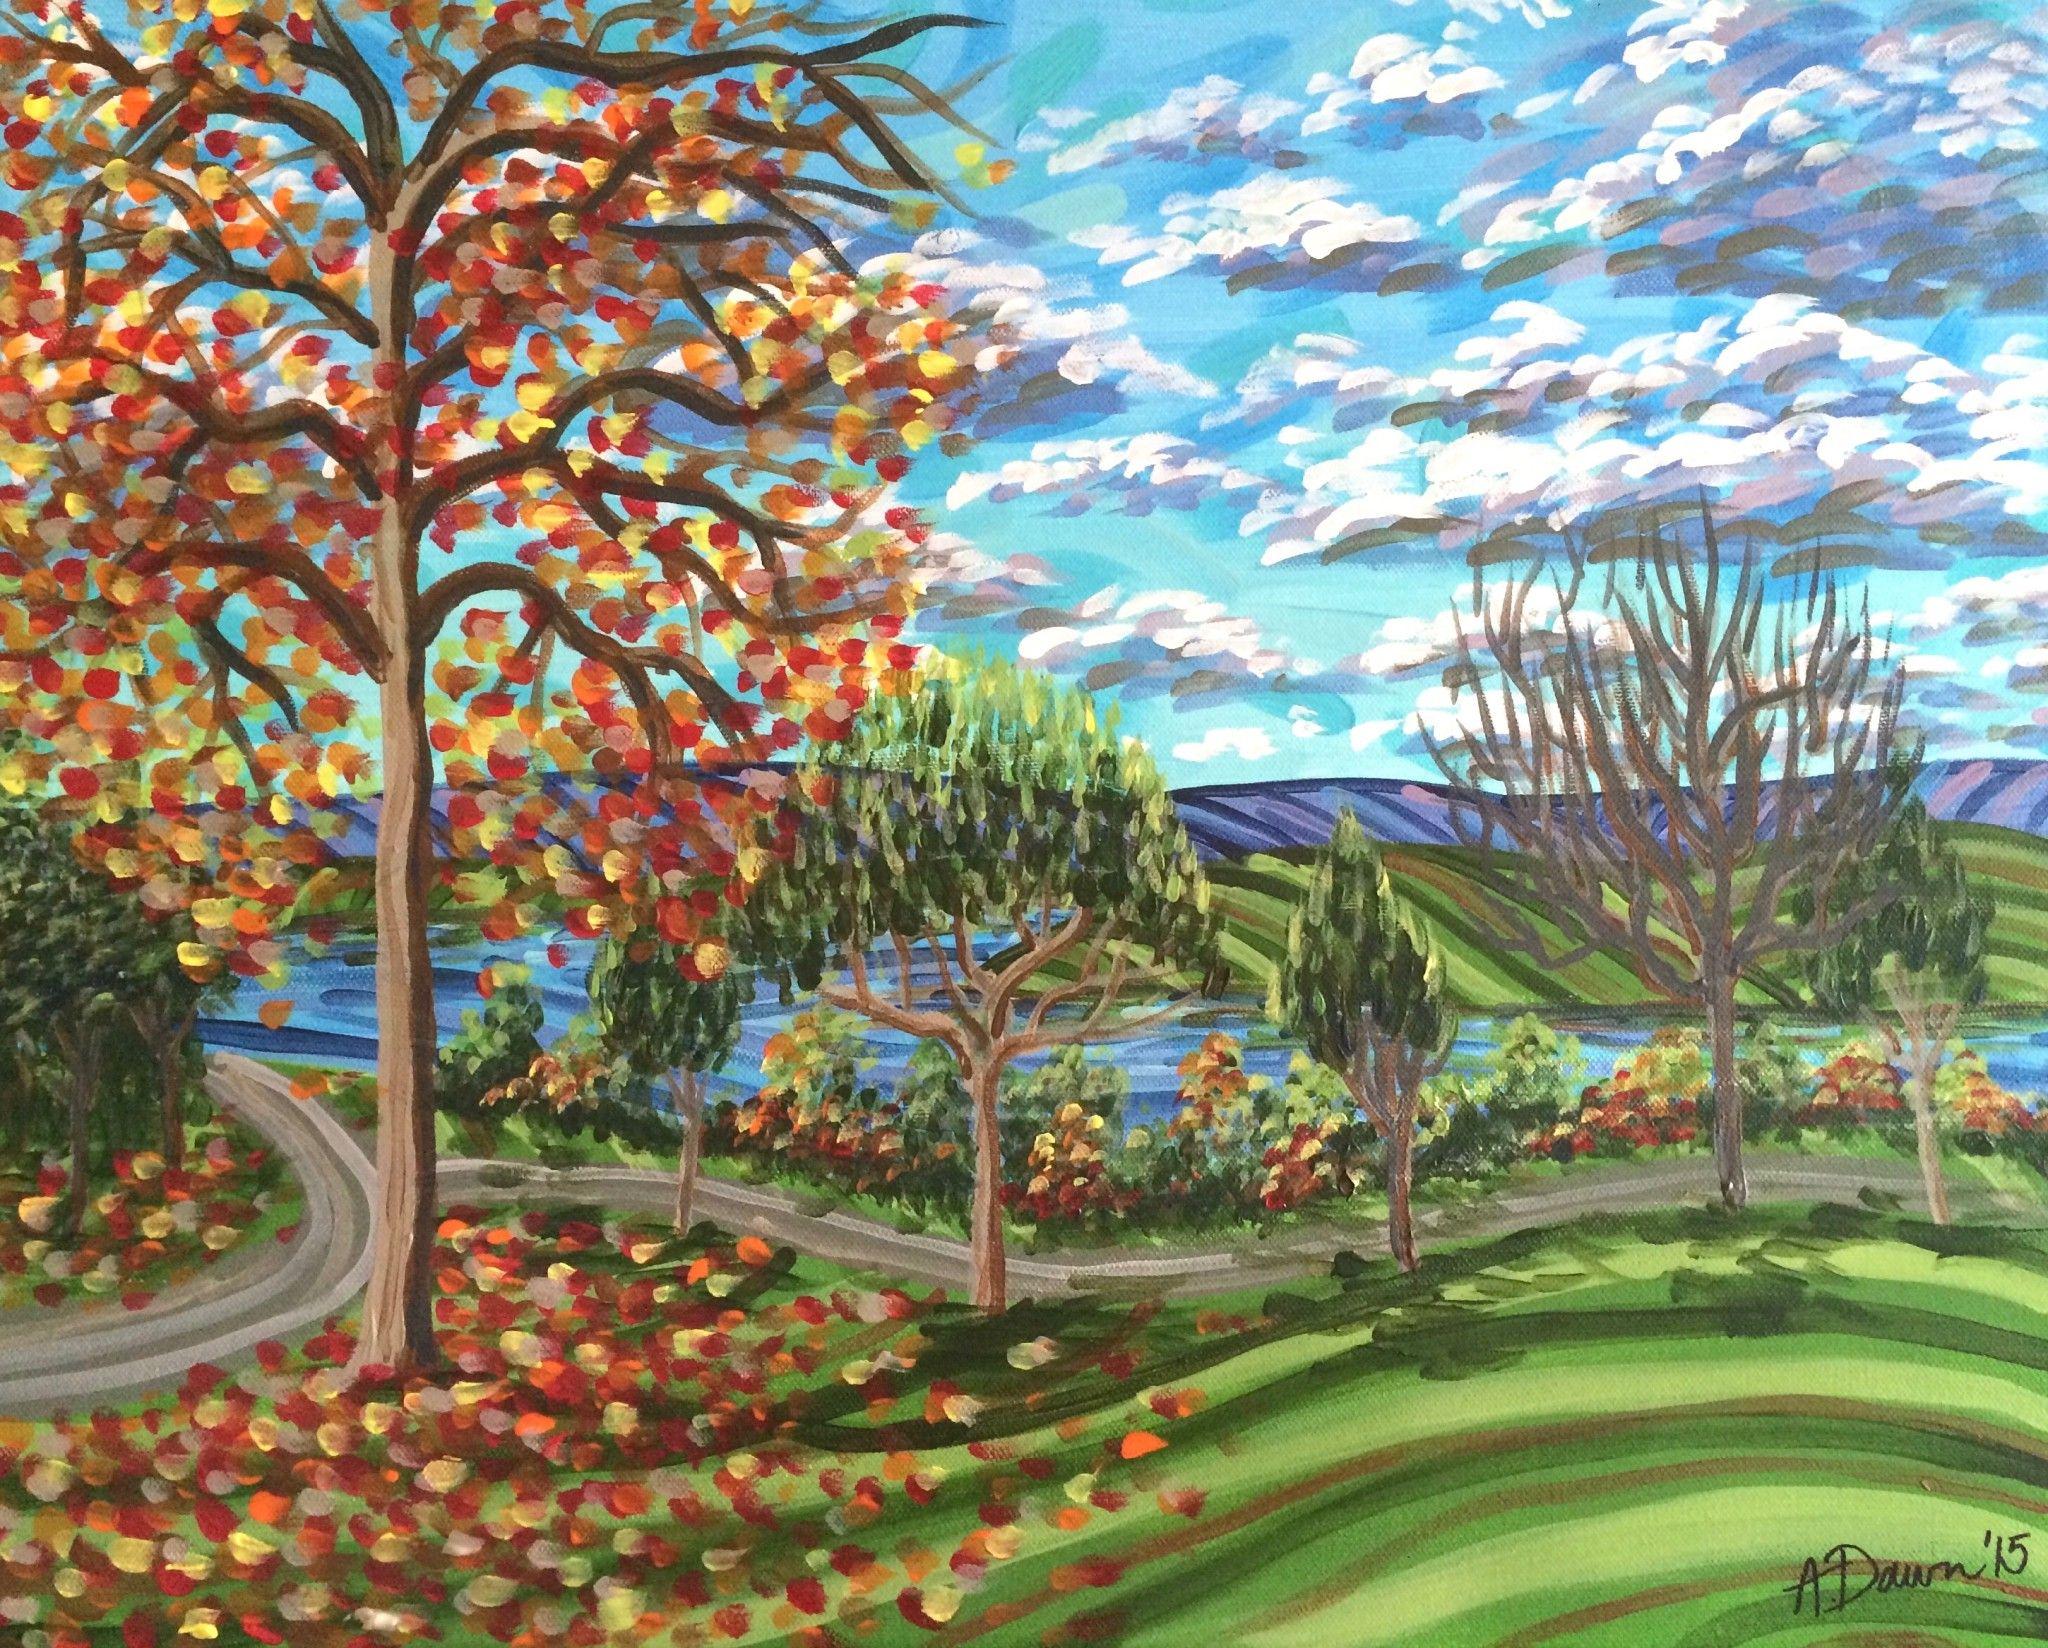 Fall At Negley Park A Dawn Art Landscape Autumn Modern